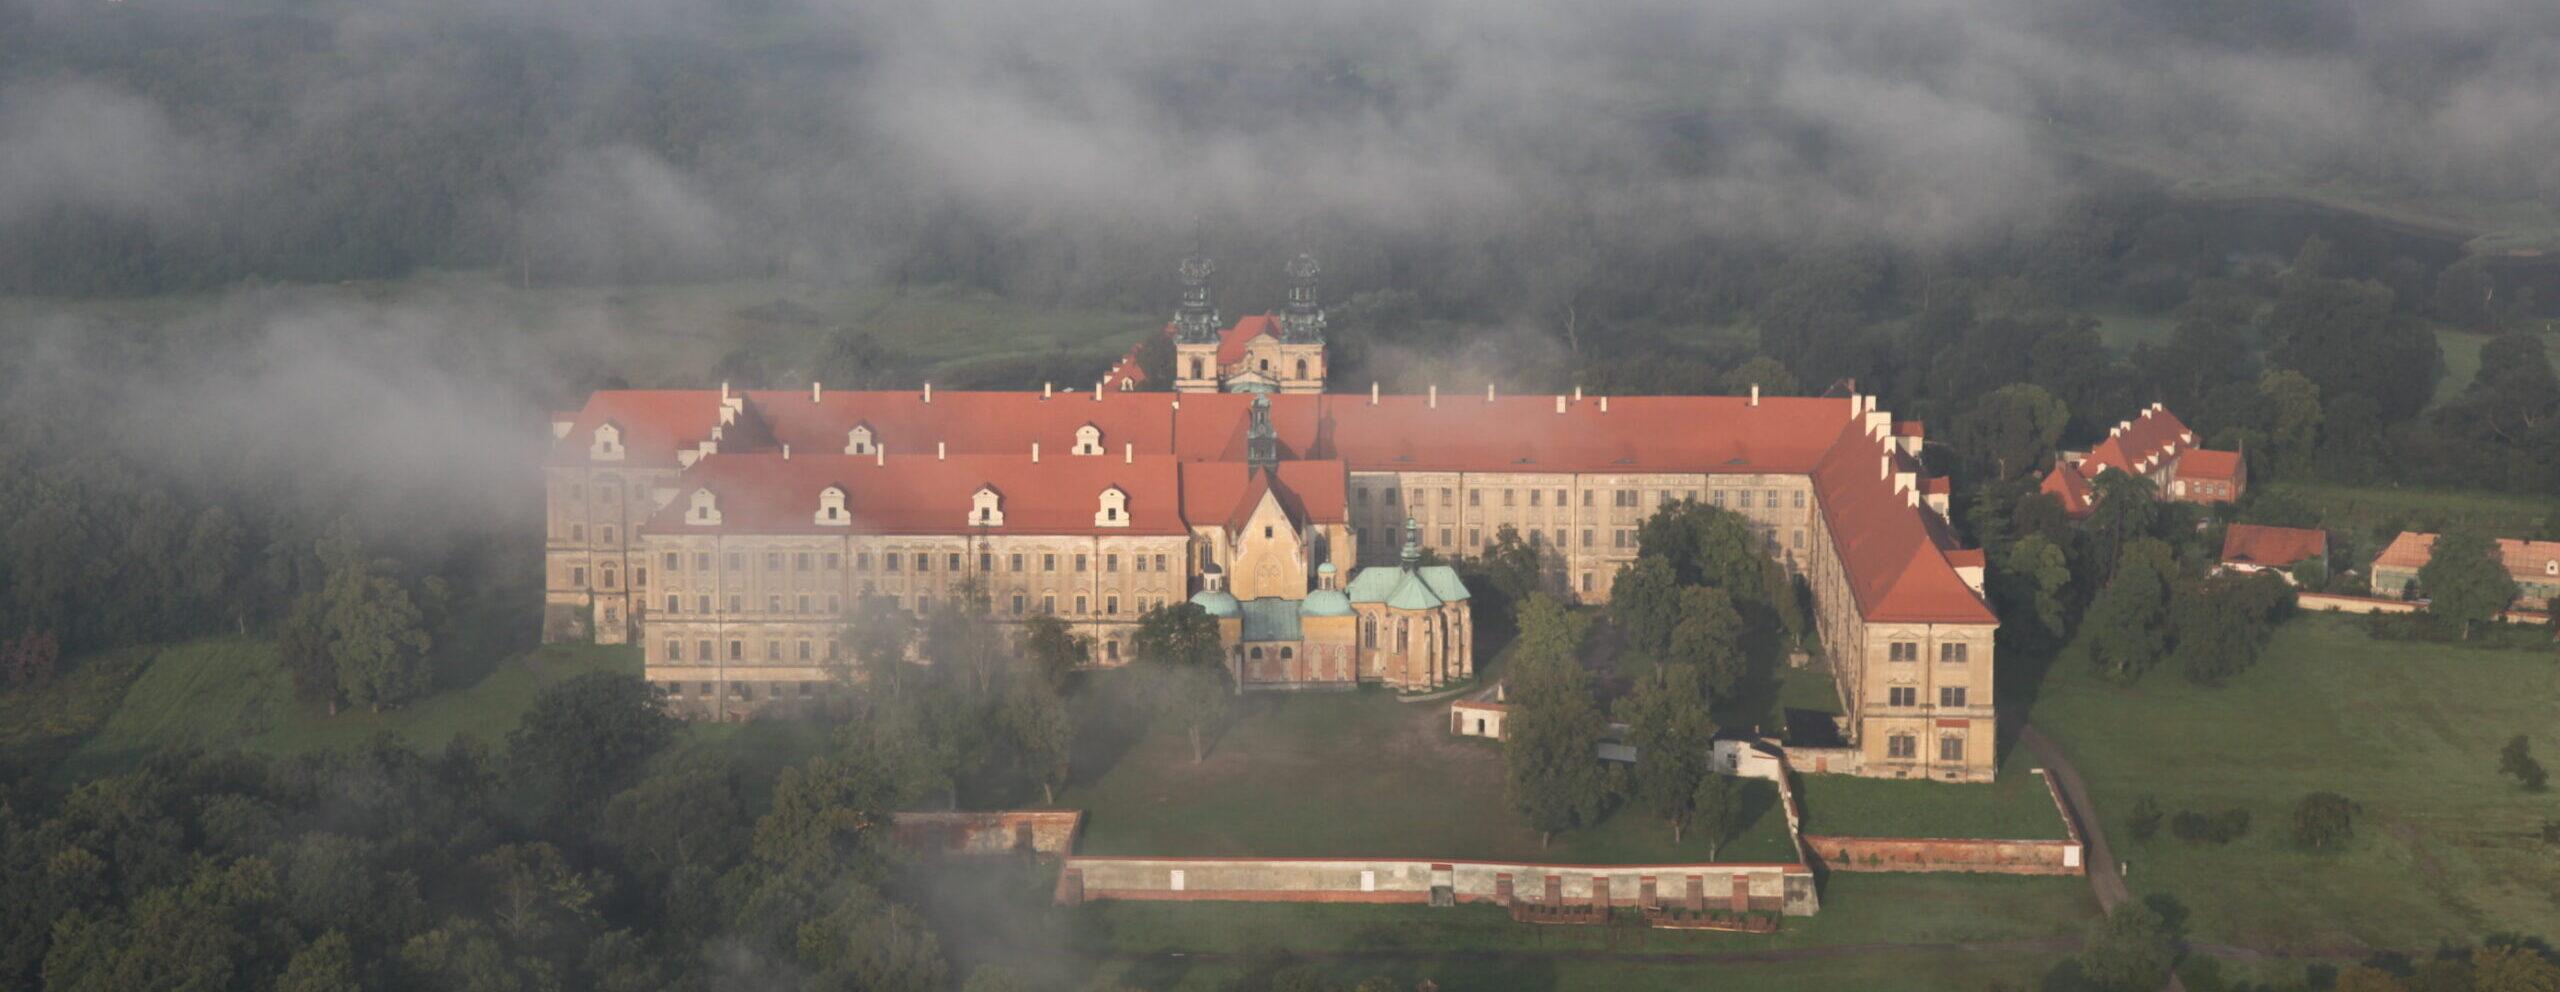 Klasztor Lubiąż na Szlaku Odry w Kraina Łęgów Odrzańskich